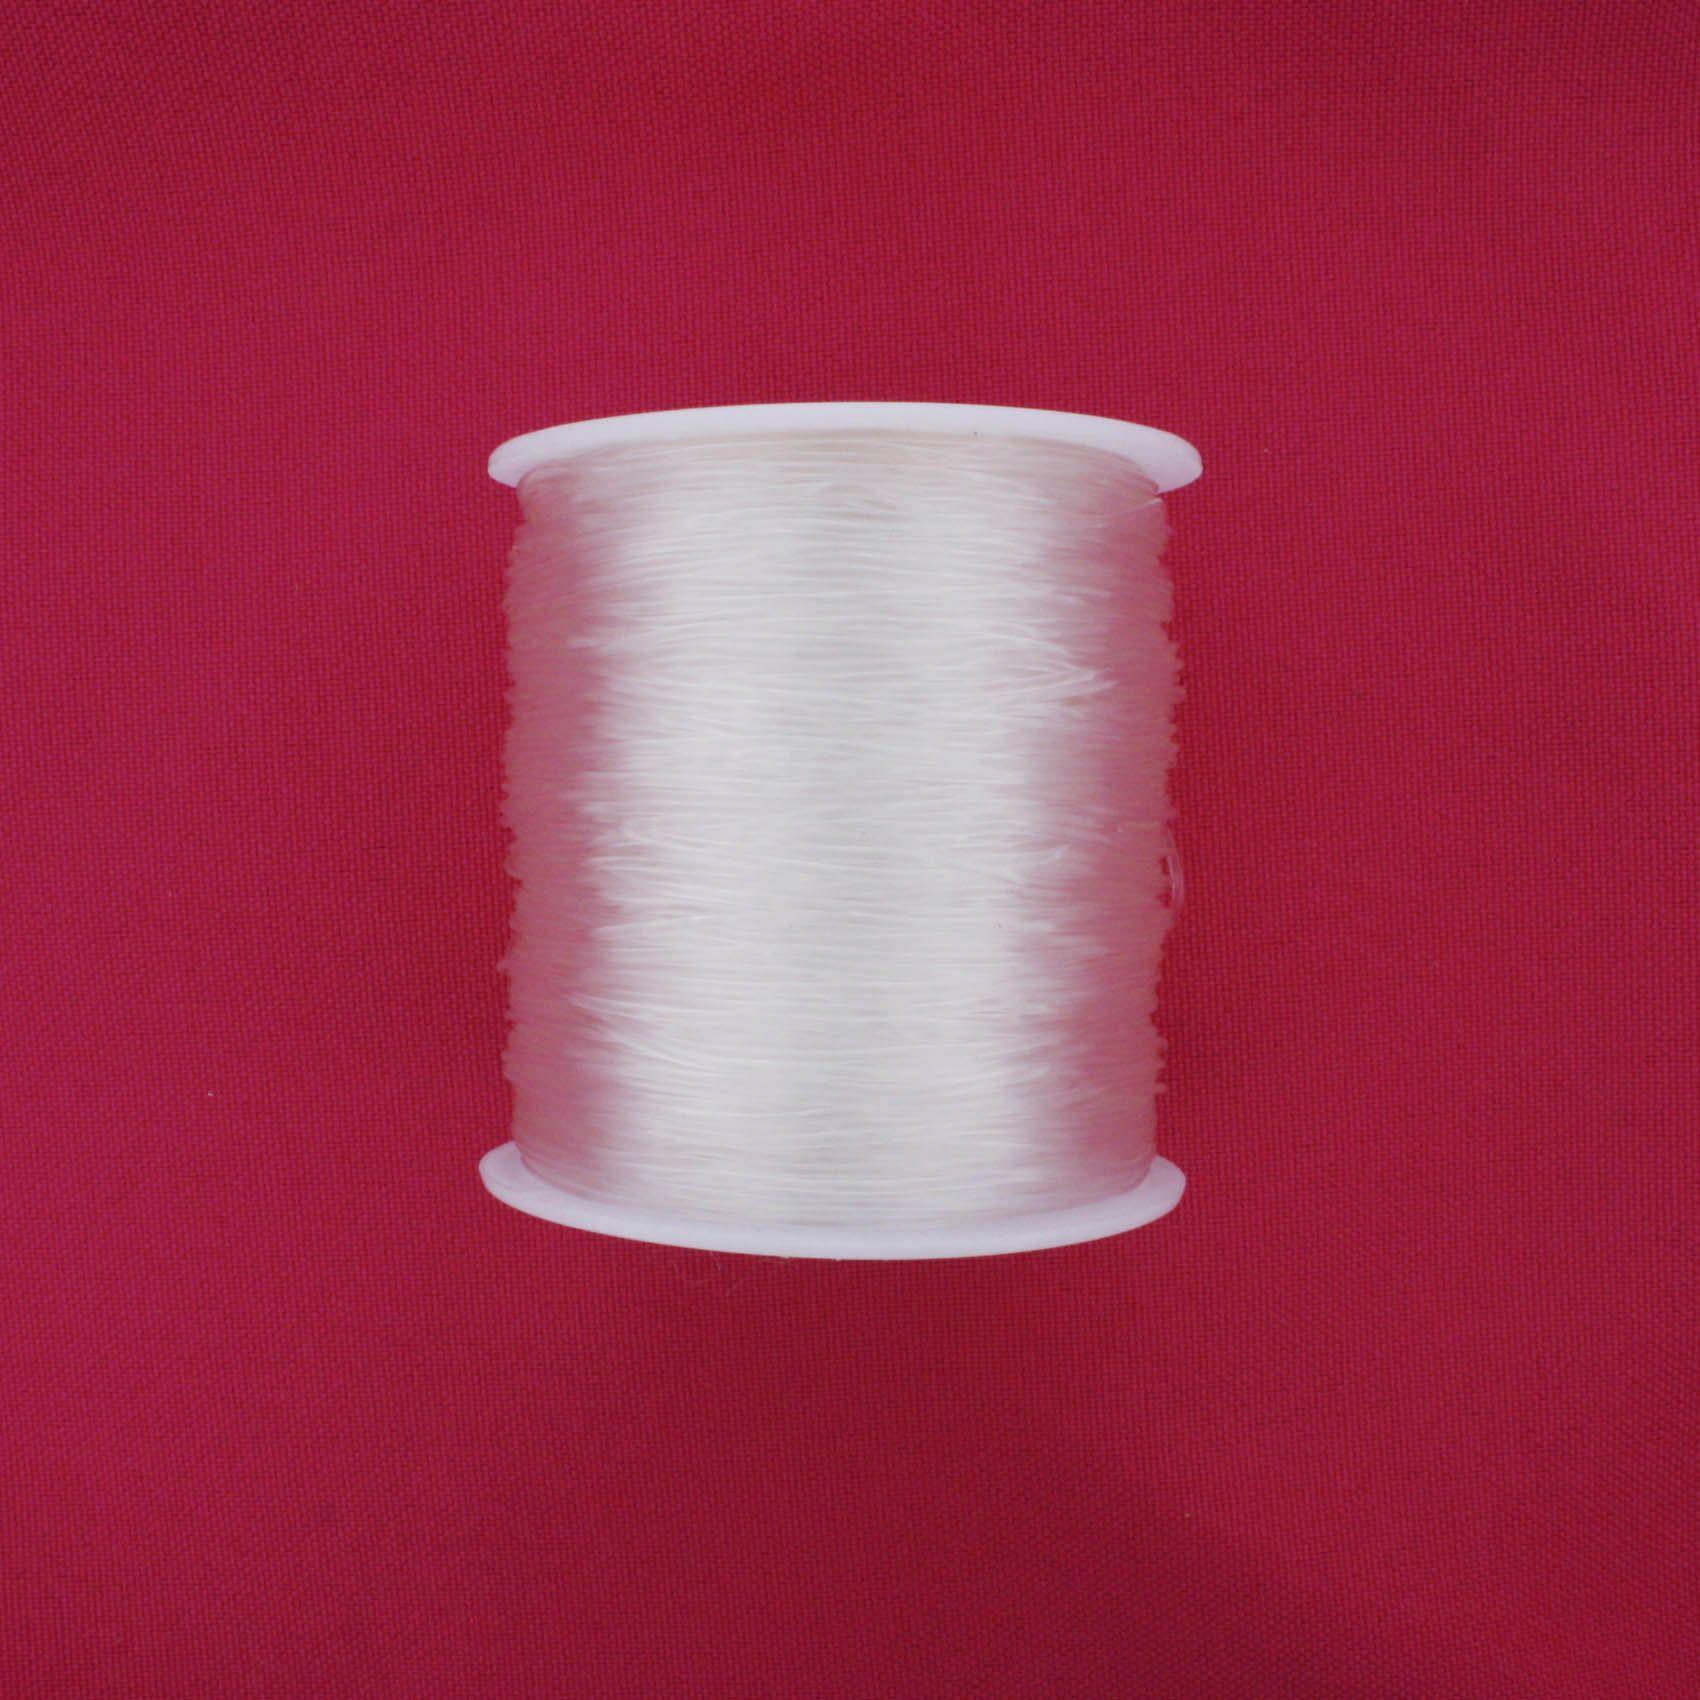 Fio de Silicone - 0.8mm - 100m  - Stéphanie Bijoux® - Peças para Bijuterias e Artesanato